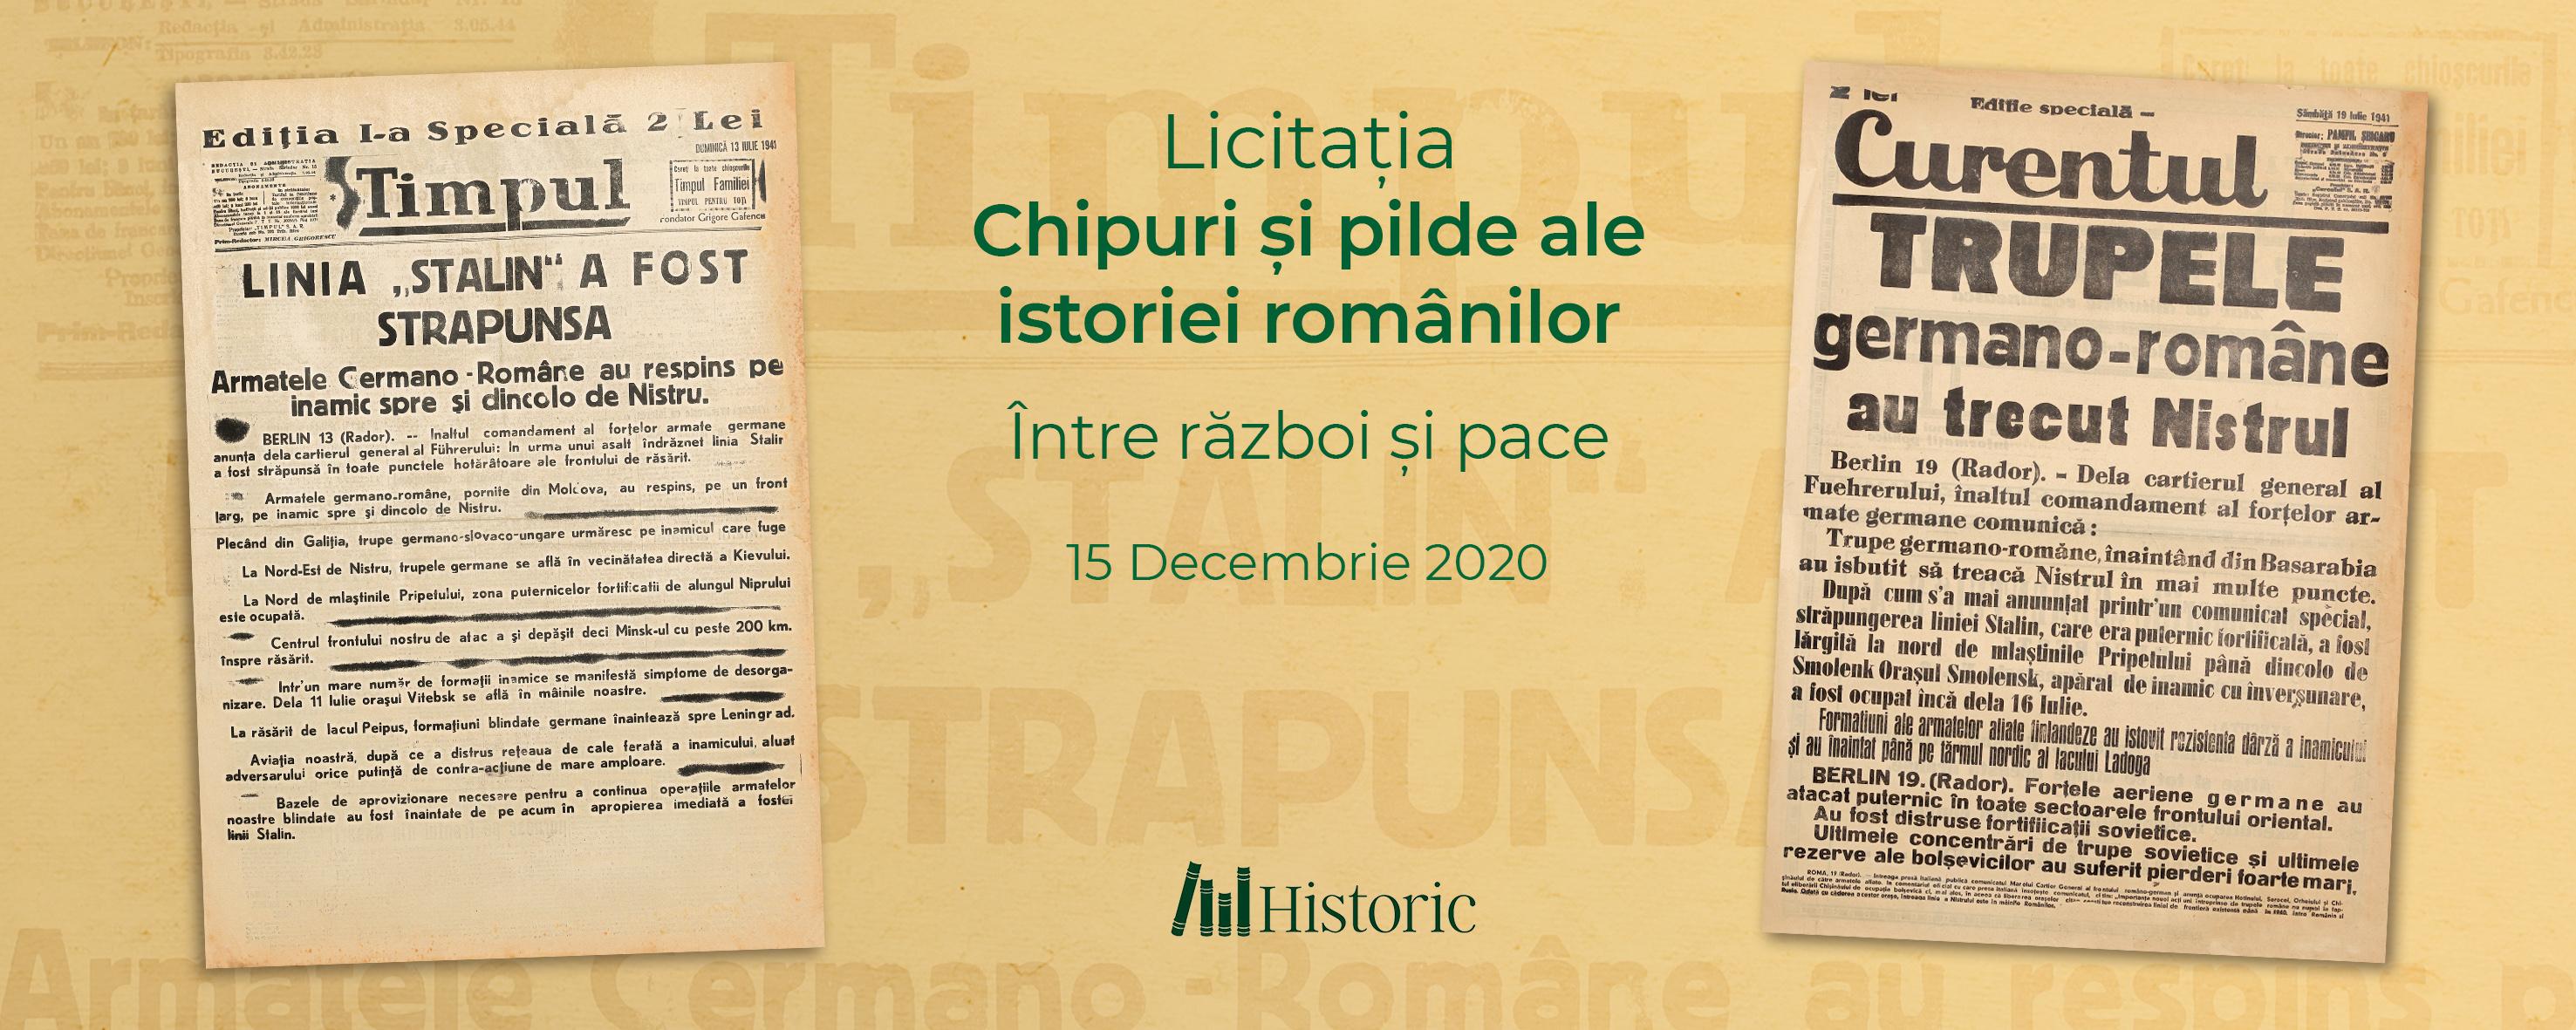 """Licitația Chipuri și pilde ale istoriei românilor - """"Între război și pace"""""""